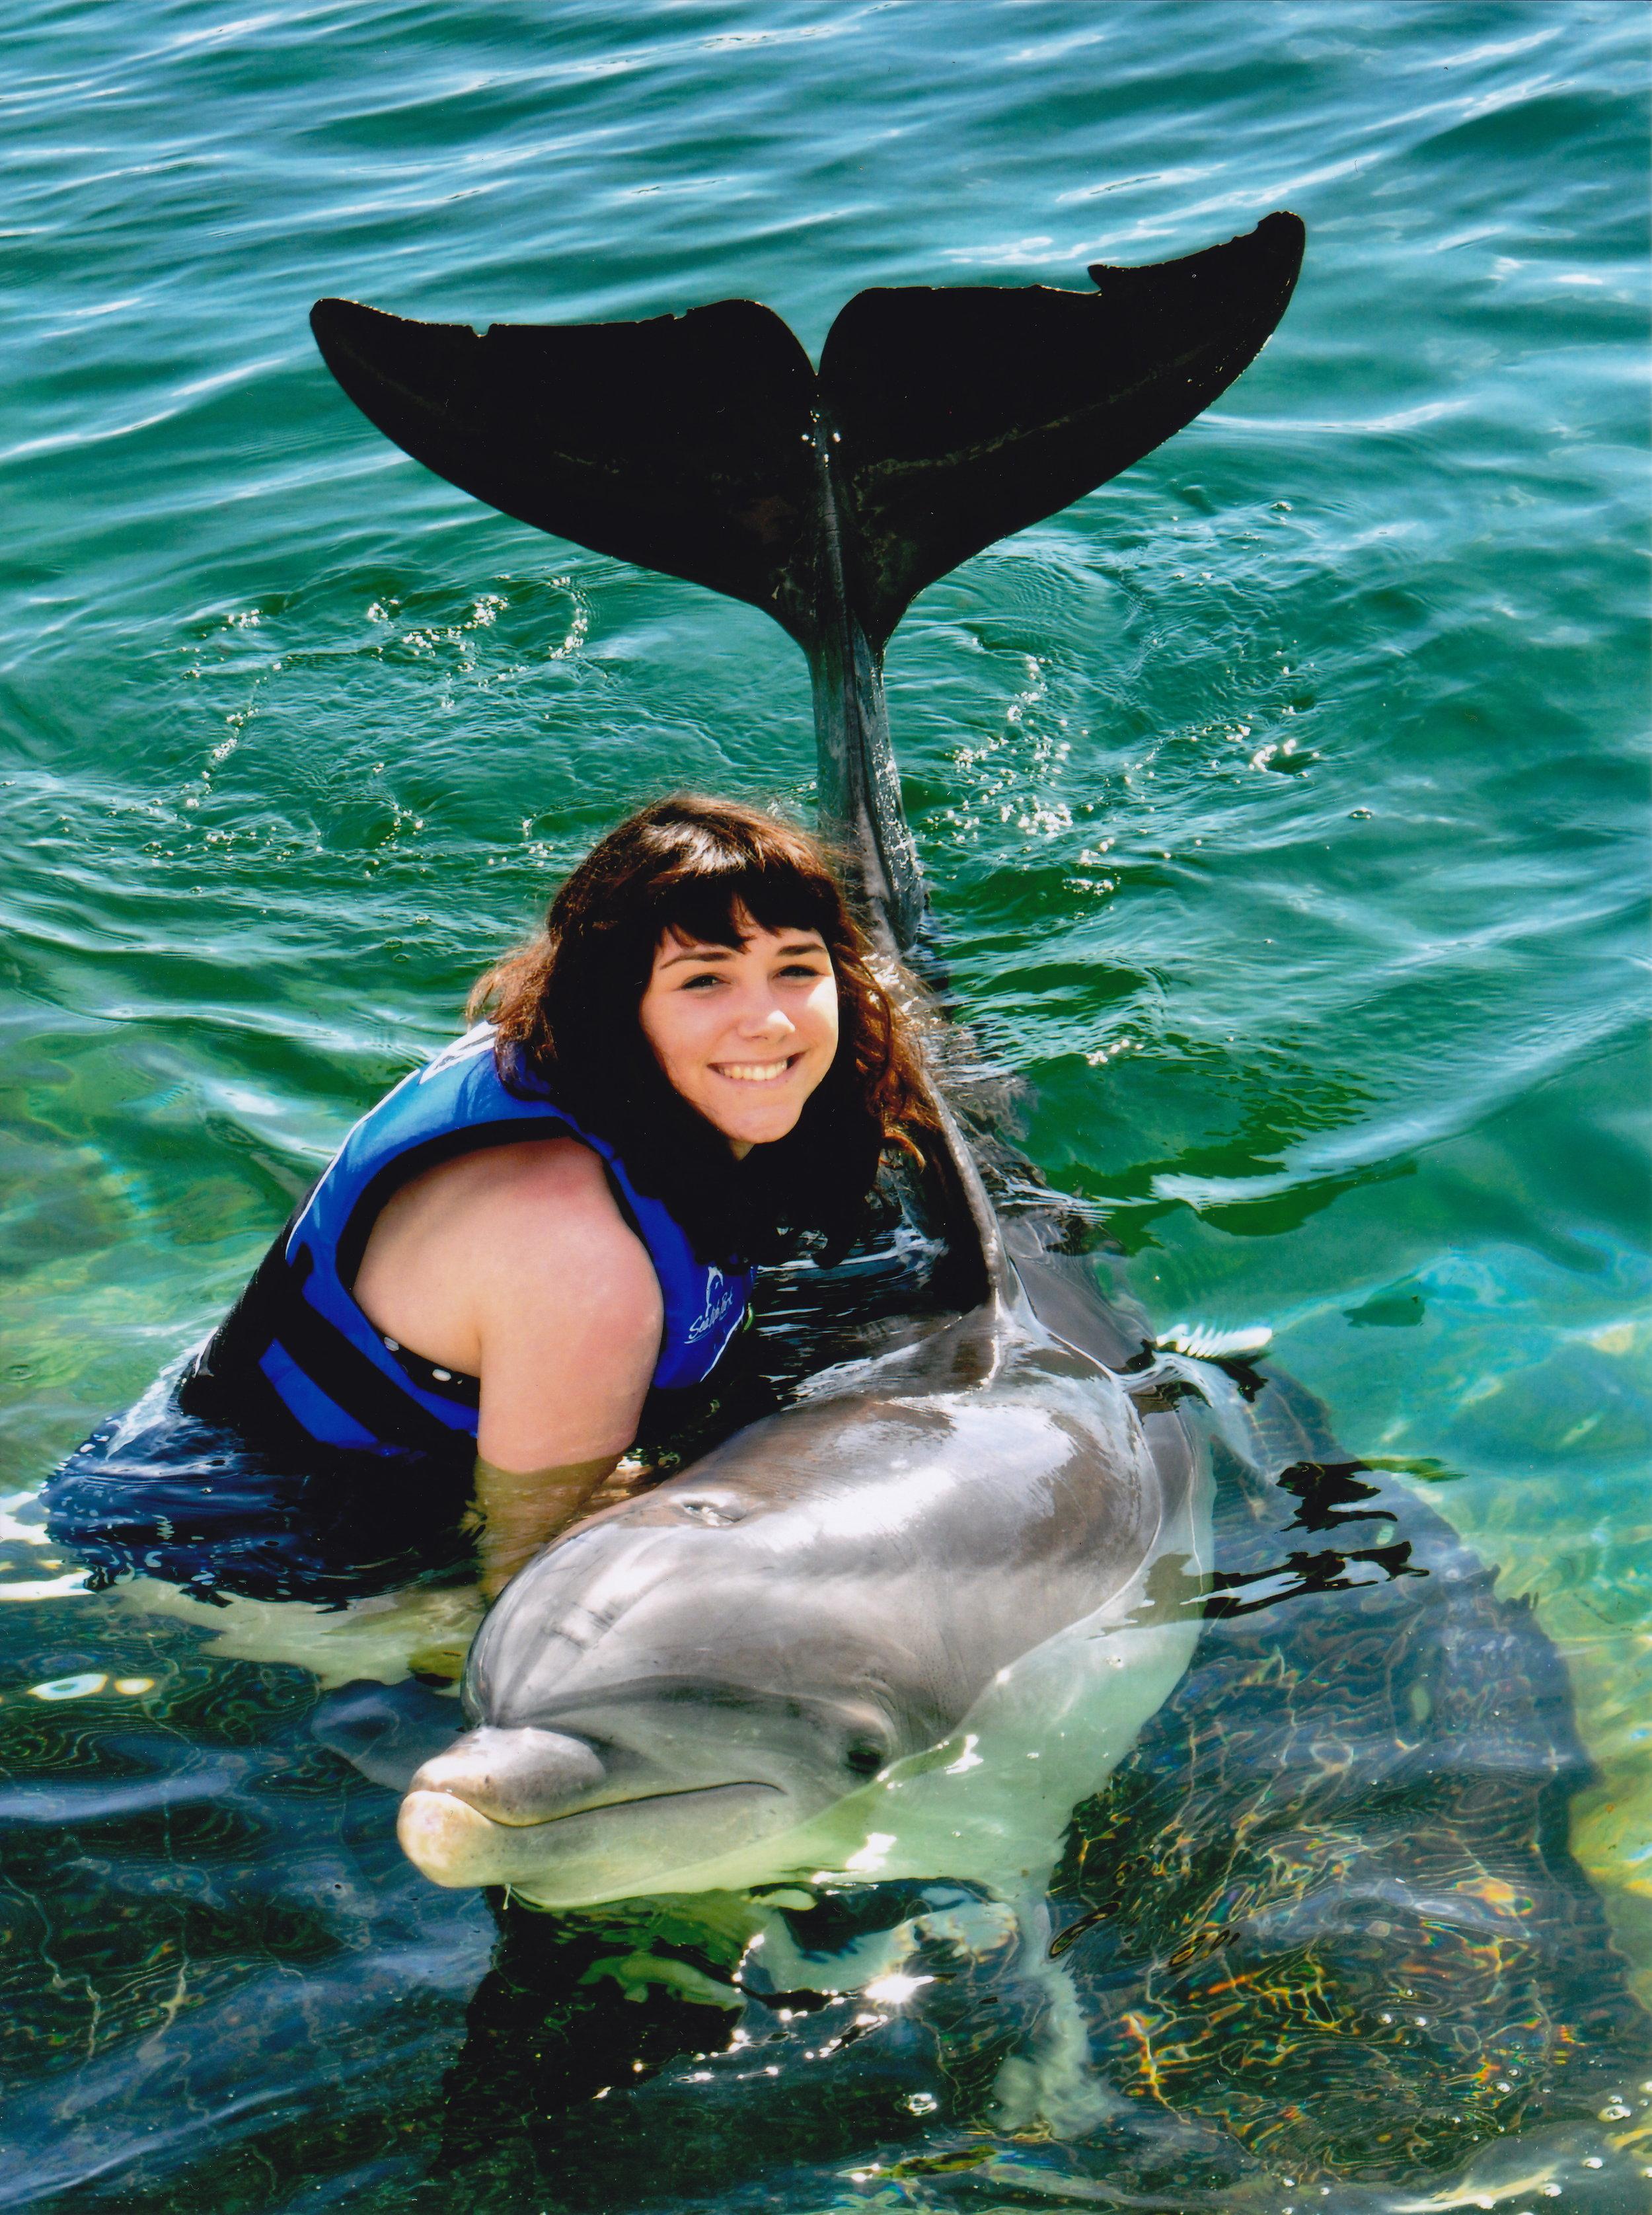 Haley dolphin hold_0001.jpg